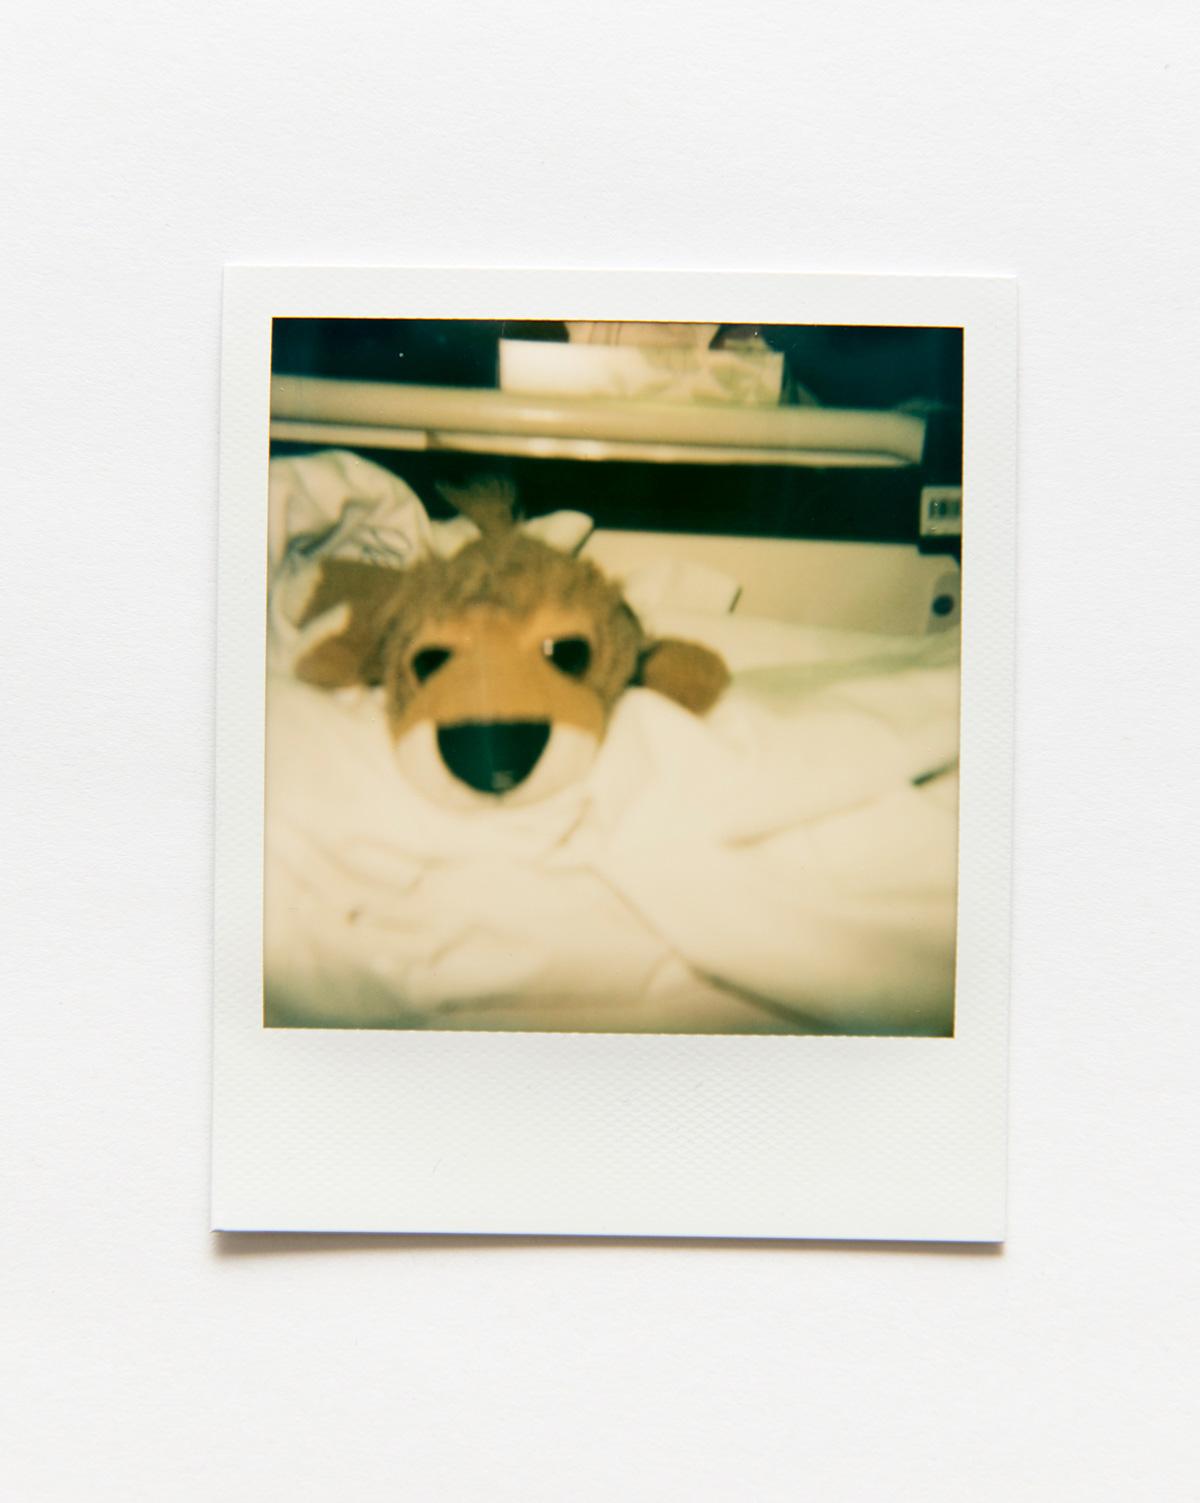 RCH-Polaroid-51